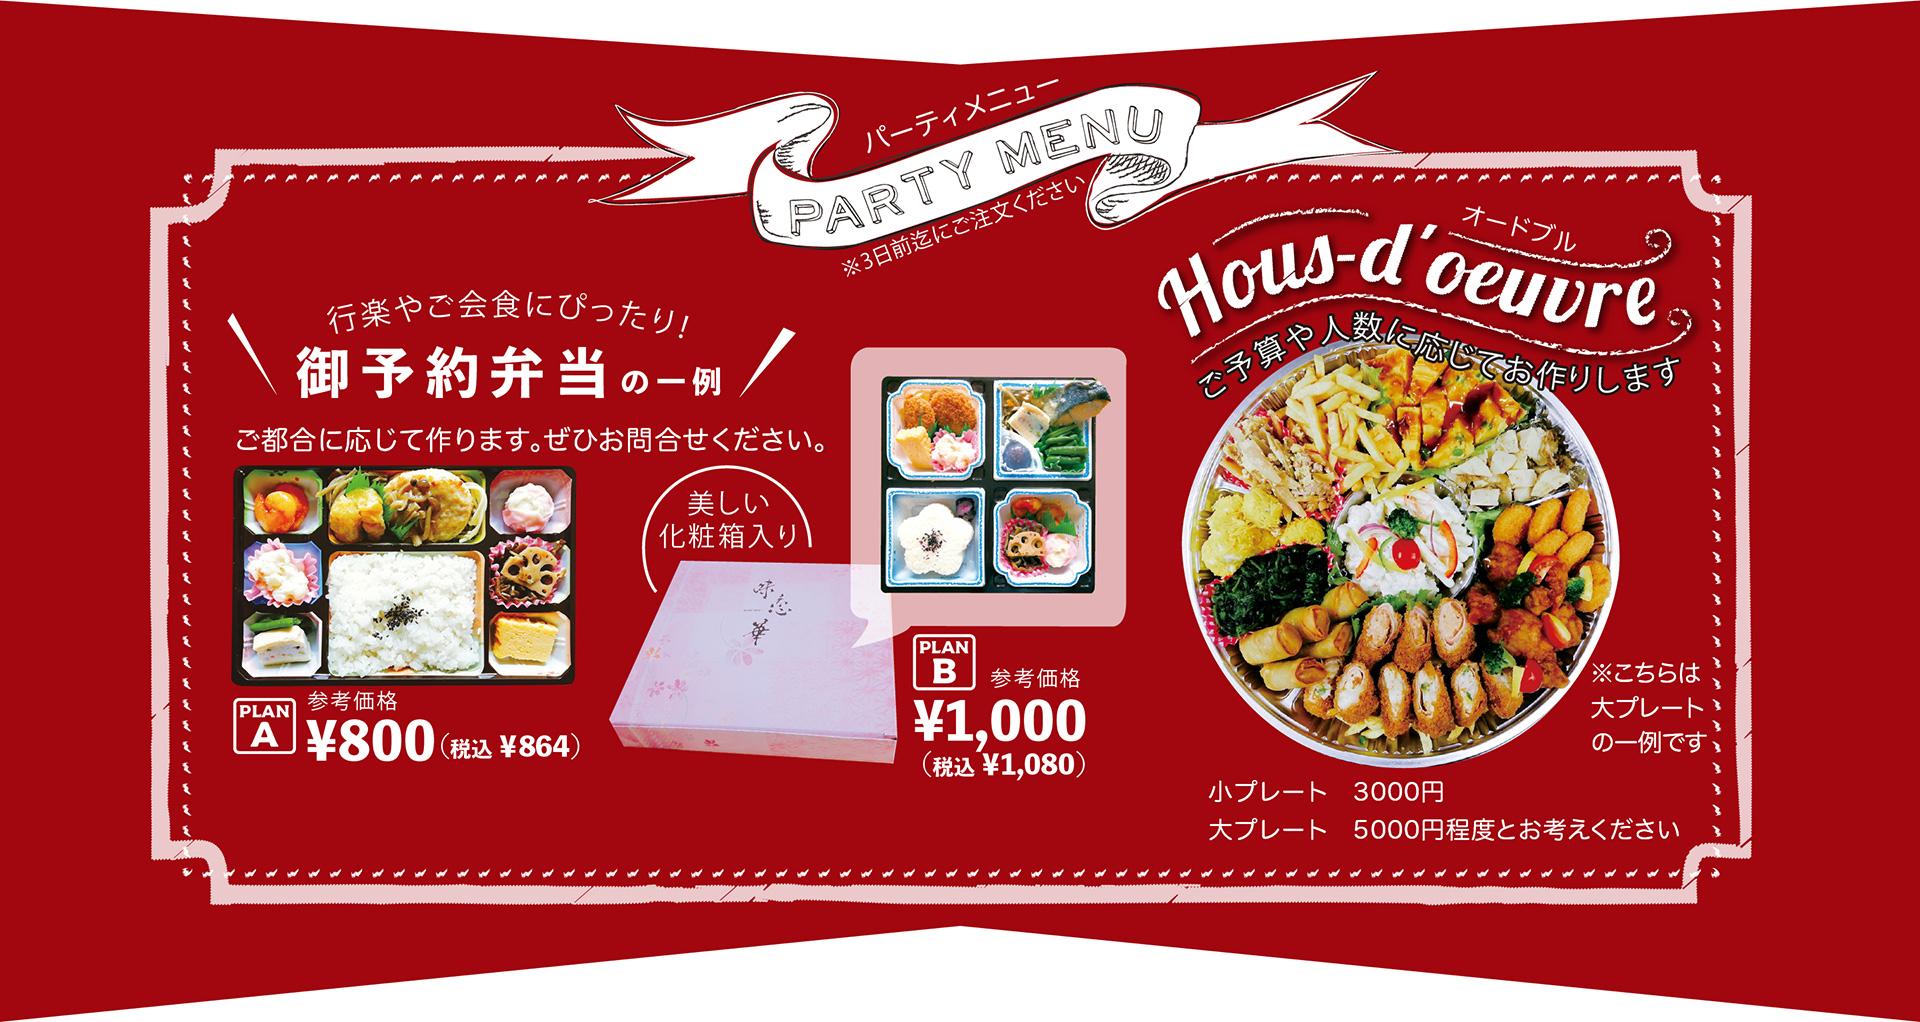 パーティーメニュー。行楽やご会食にぴったり!ご予約弁当の一例です。ご都合に応じて作りますので、ぜひお問い合わせください。プランAセットは800円、プランBは美しい化粧箱入りで1000円になります。オードプルのプレートもご予算や人数に応じてお作りします。小プレートは3000円、大プレートは5000円で承っております。